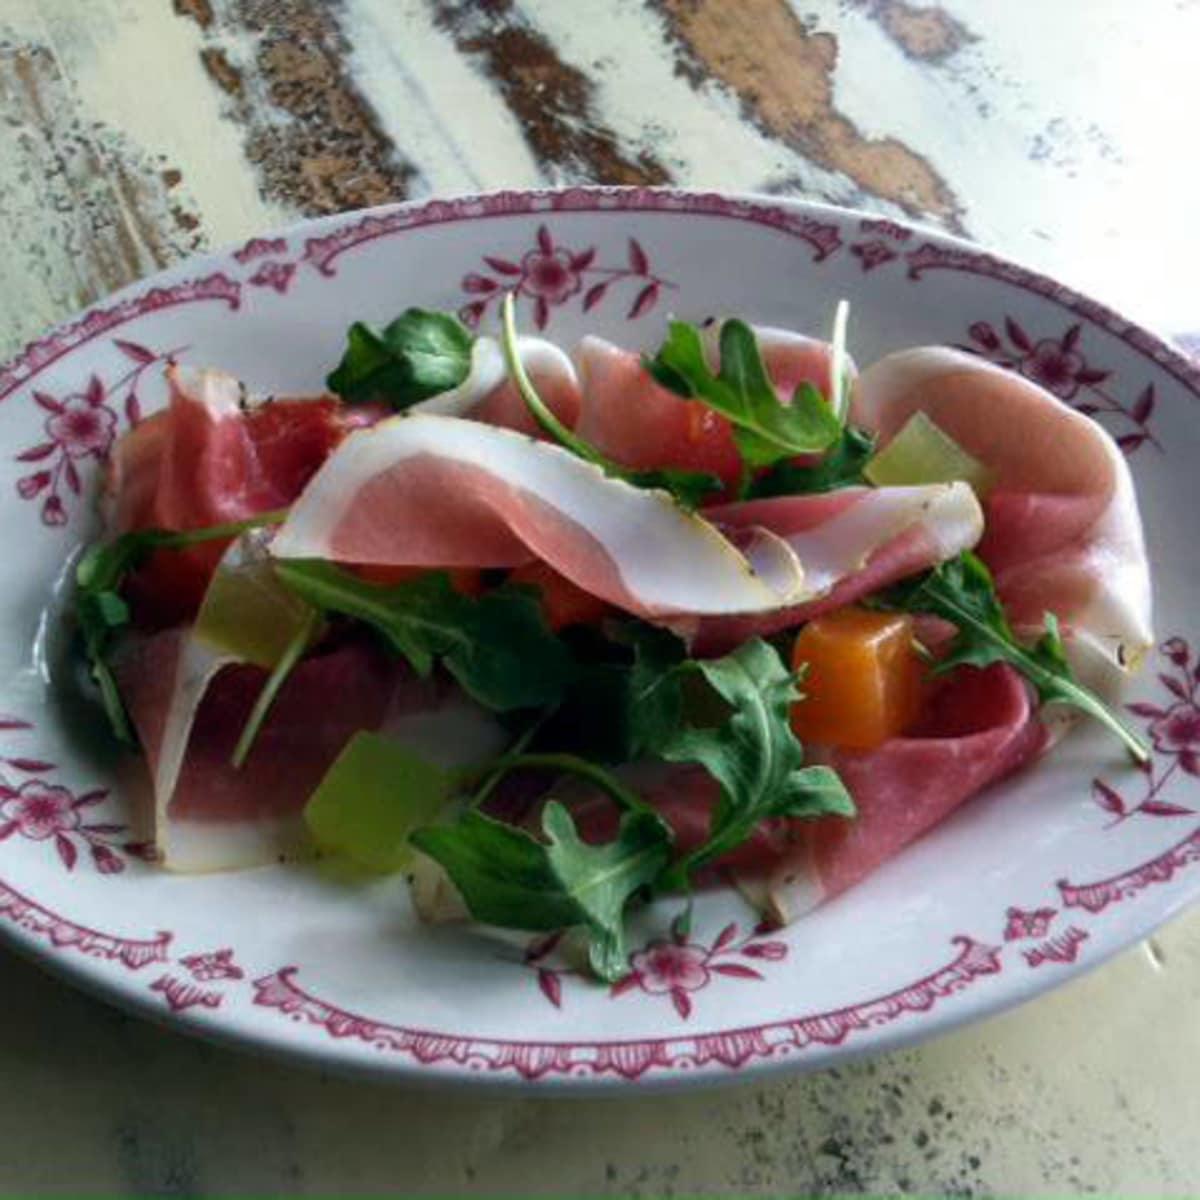 Prosciutto with melon, arugula and extra virgin olive oil at Lucia restaurant in Dallas